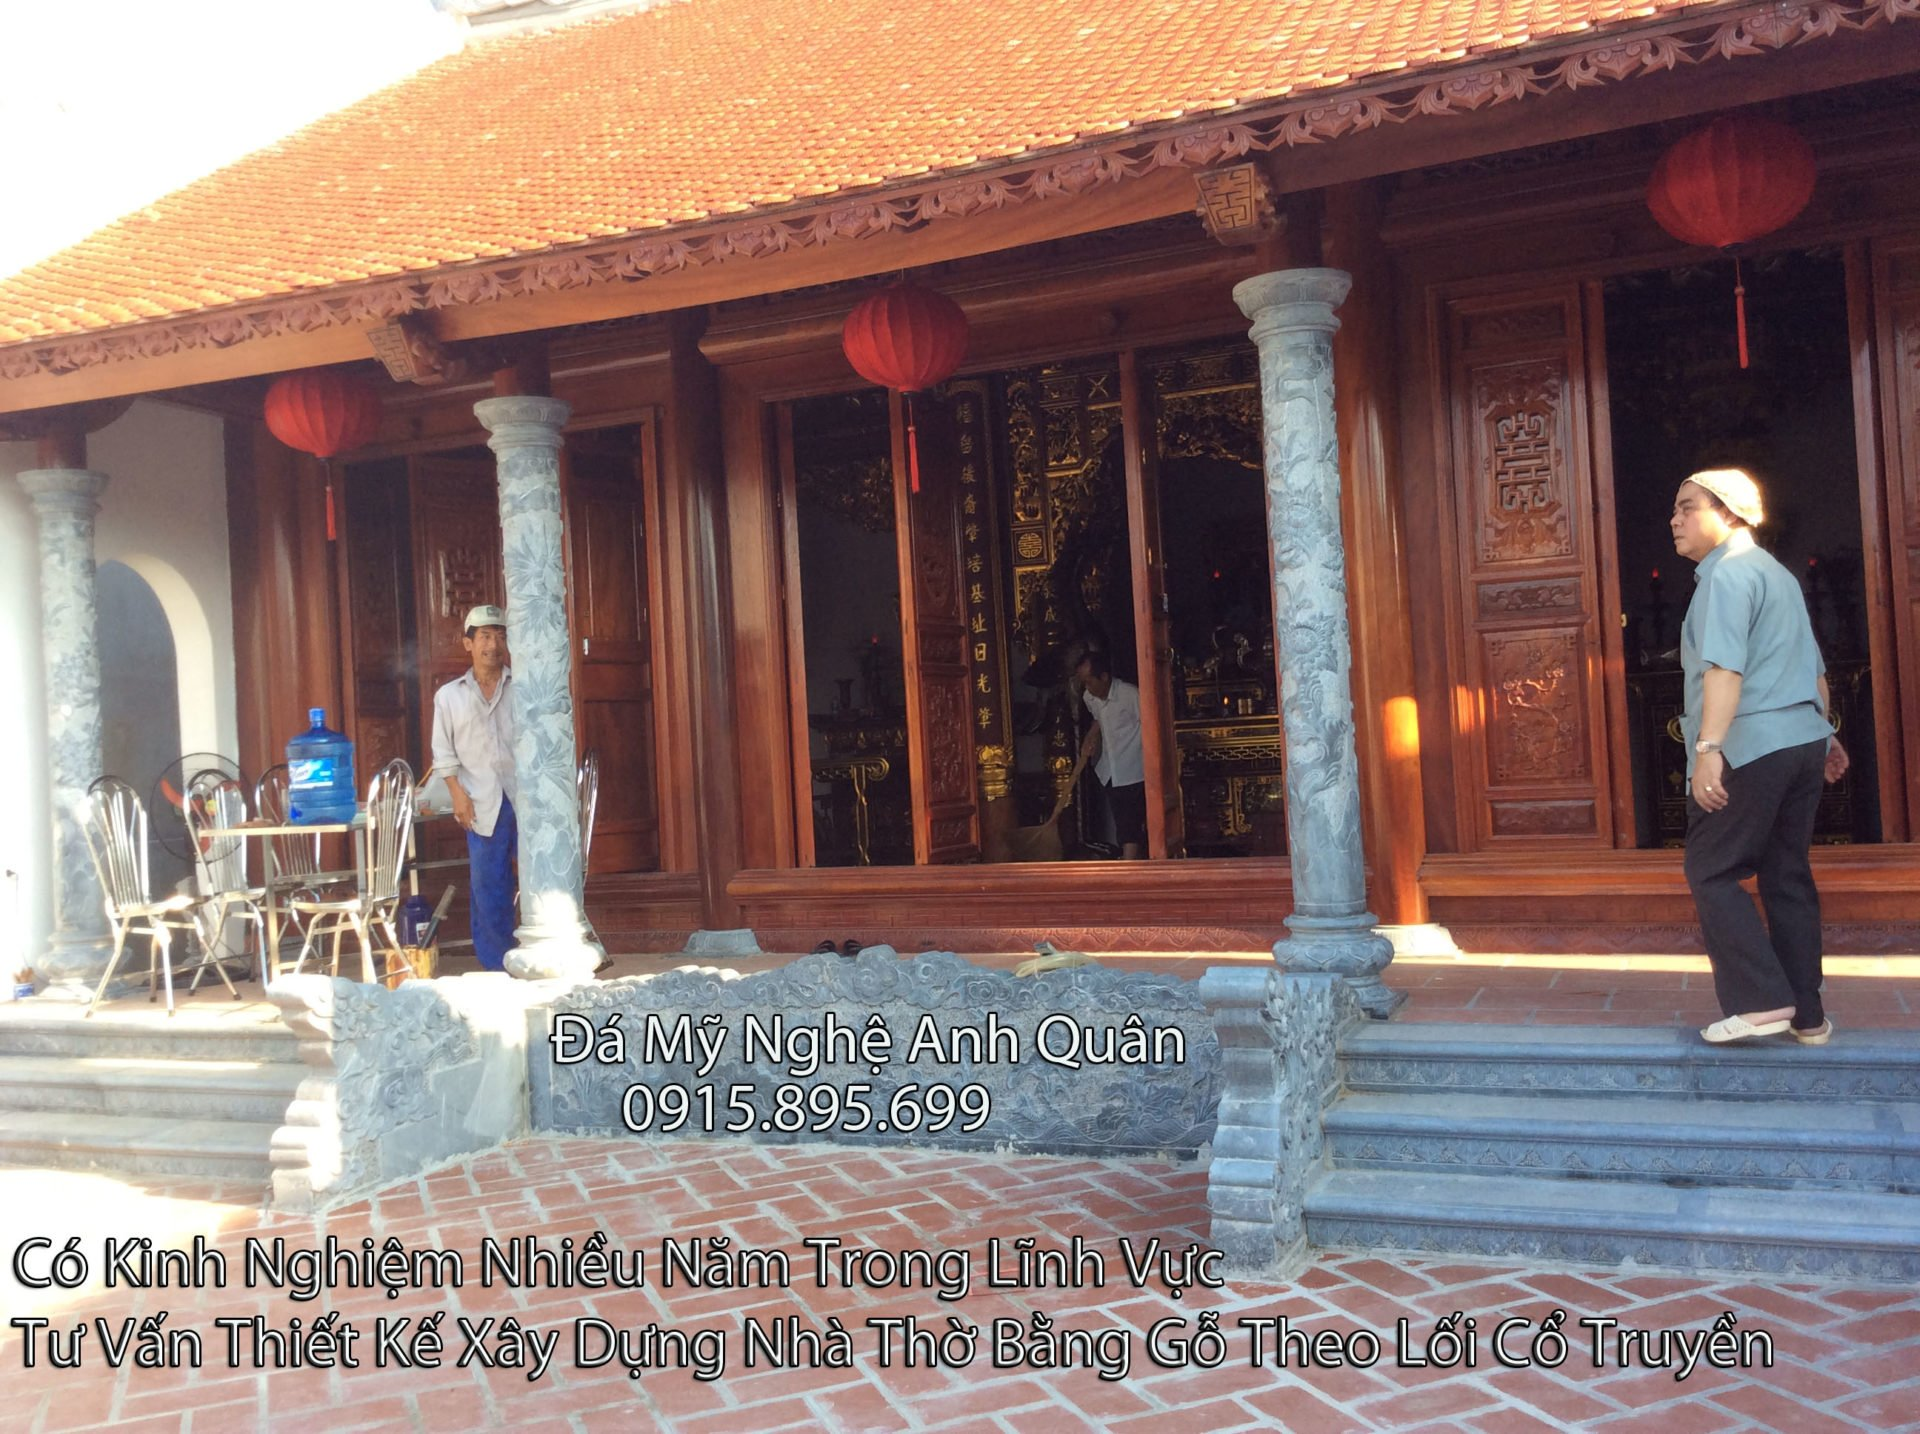 Lam bac tam cap da Bac them da, chế tác, thiết kế bậc tam cấp đá tại Ninh Bình